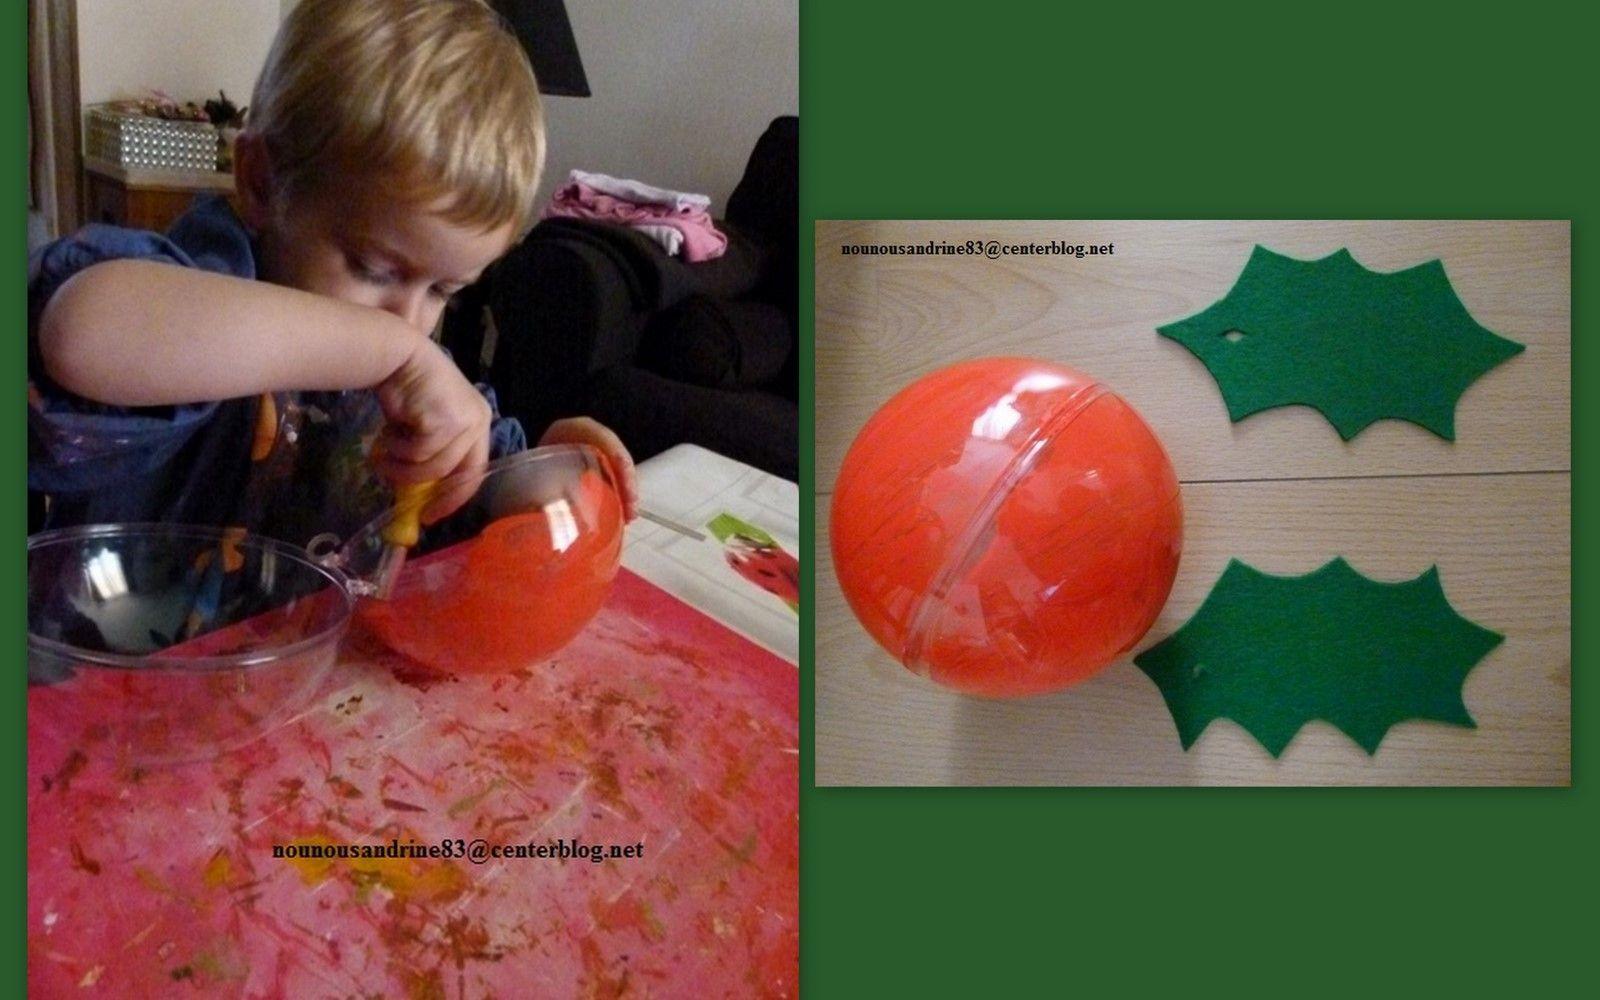 #A43427 Activité Manuelle : Le Houx De Noël 5591 idée de décoration de noel manuelle 1600x1000 px @ aertt.com